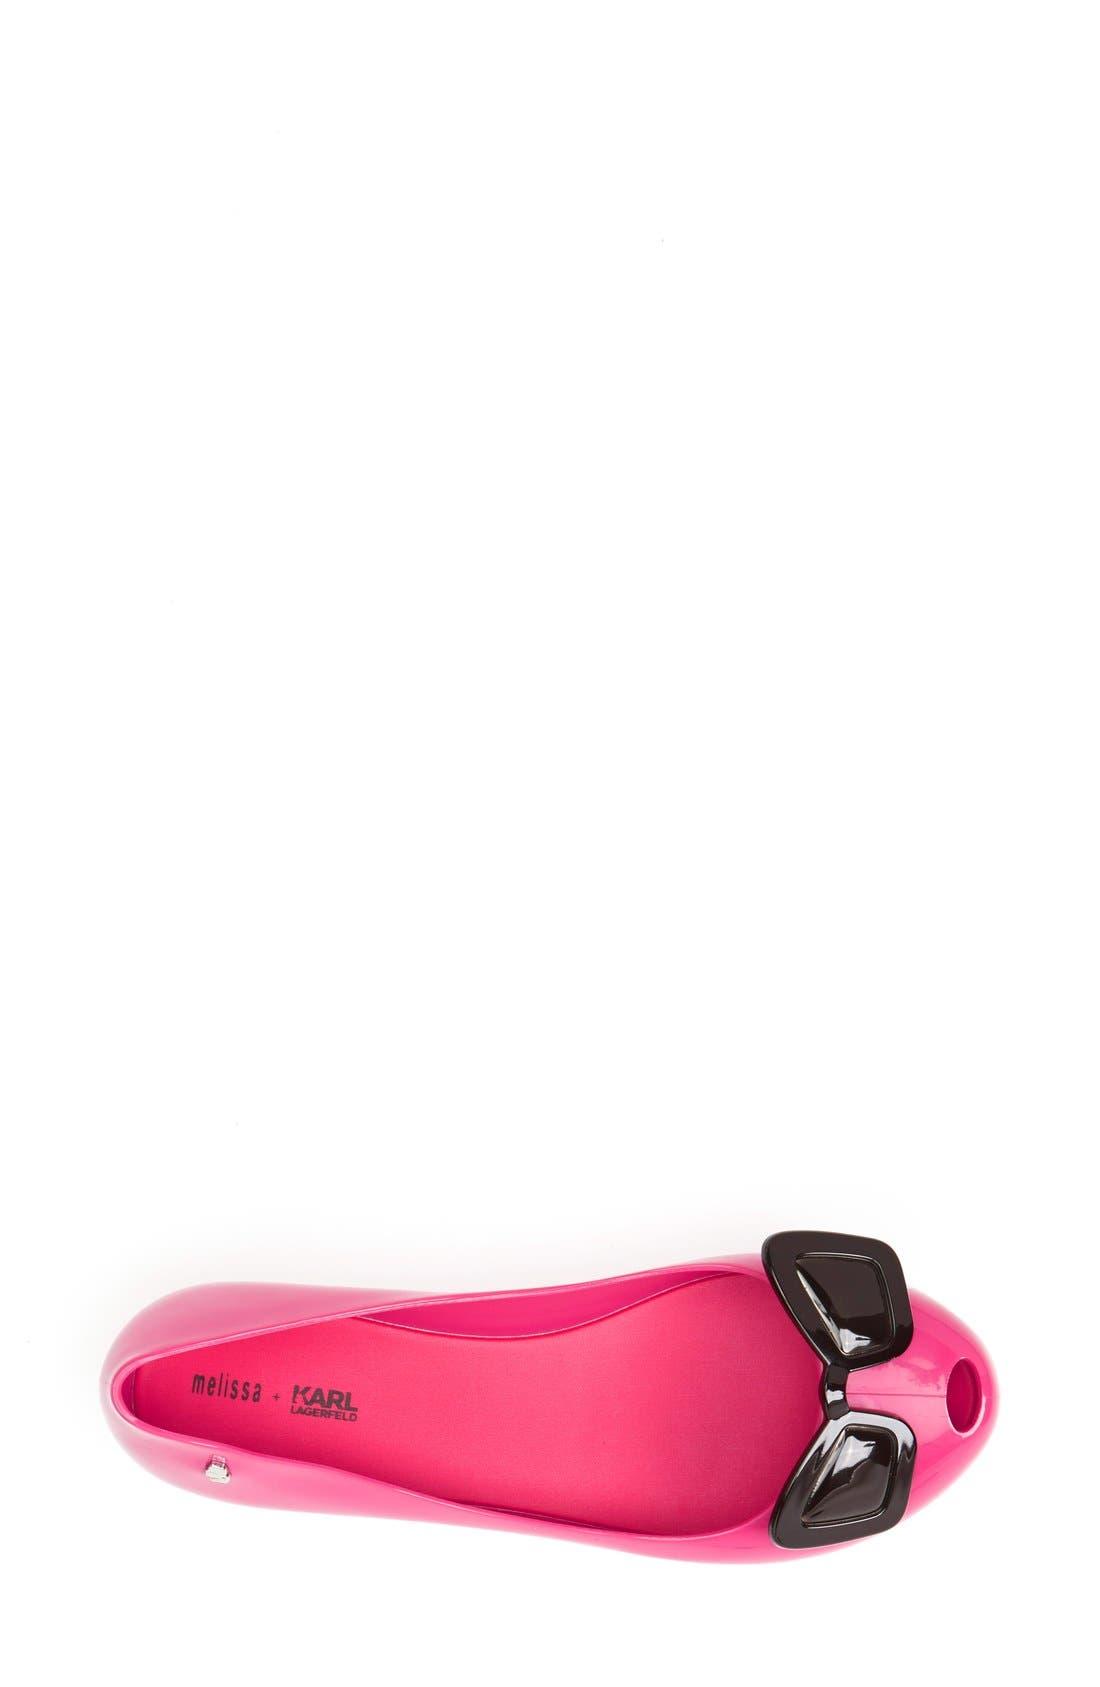 Alternate Image 3  - Melissa + Karl Lagerfeld 'Ultragirl' Jelly Flat